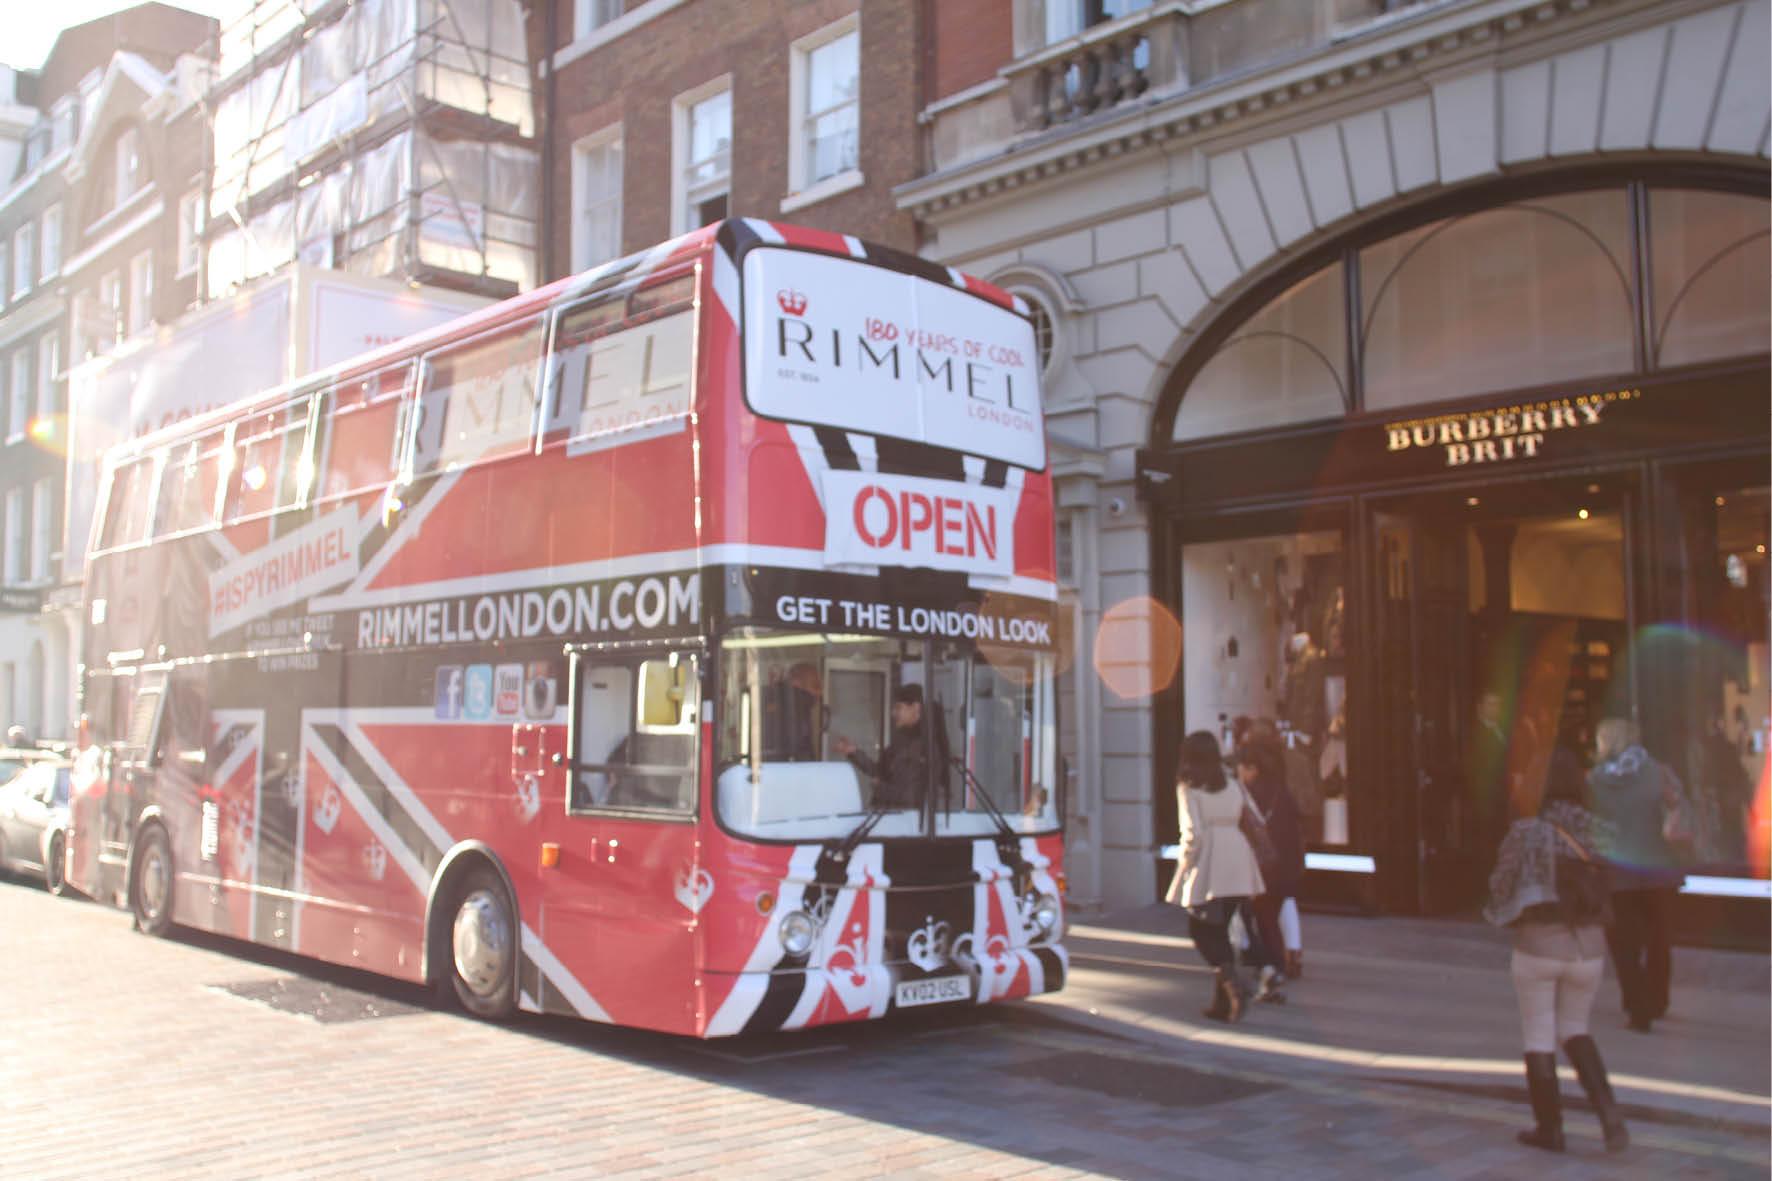 bus_business_rimmel_2018_5.jpg